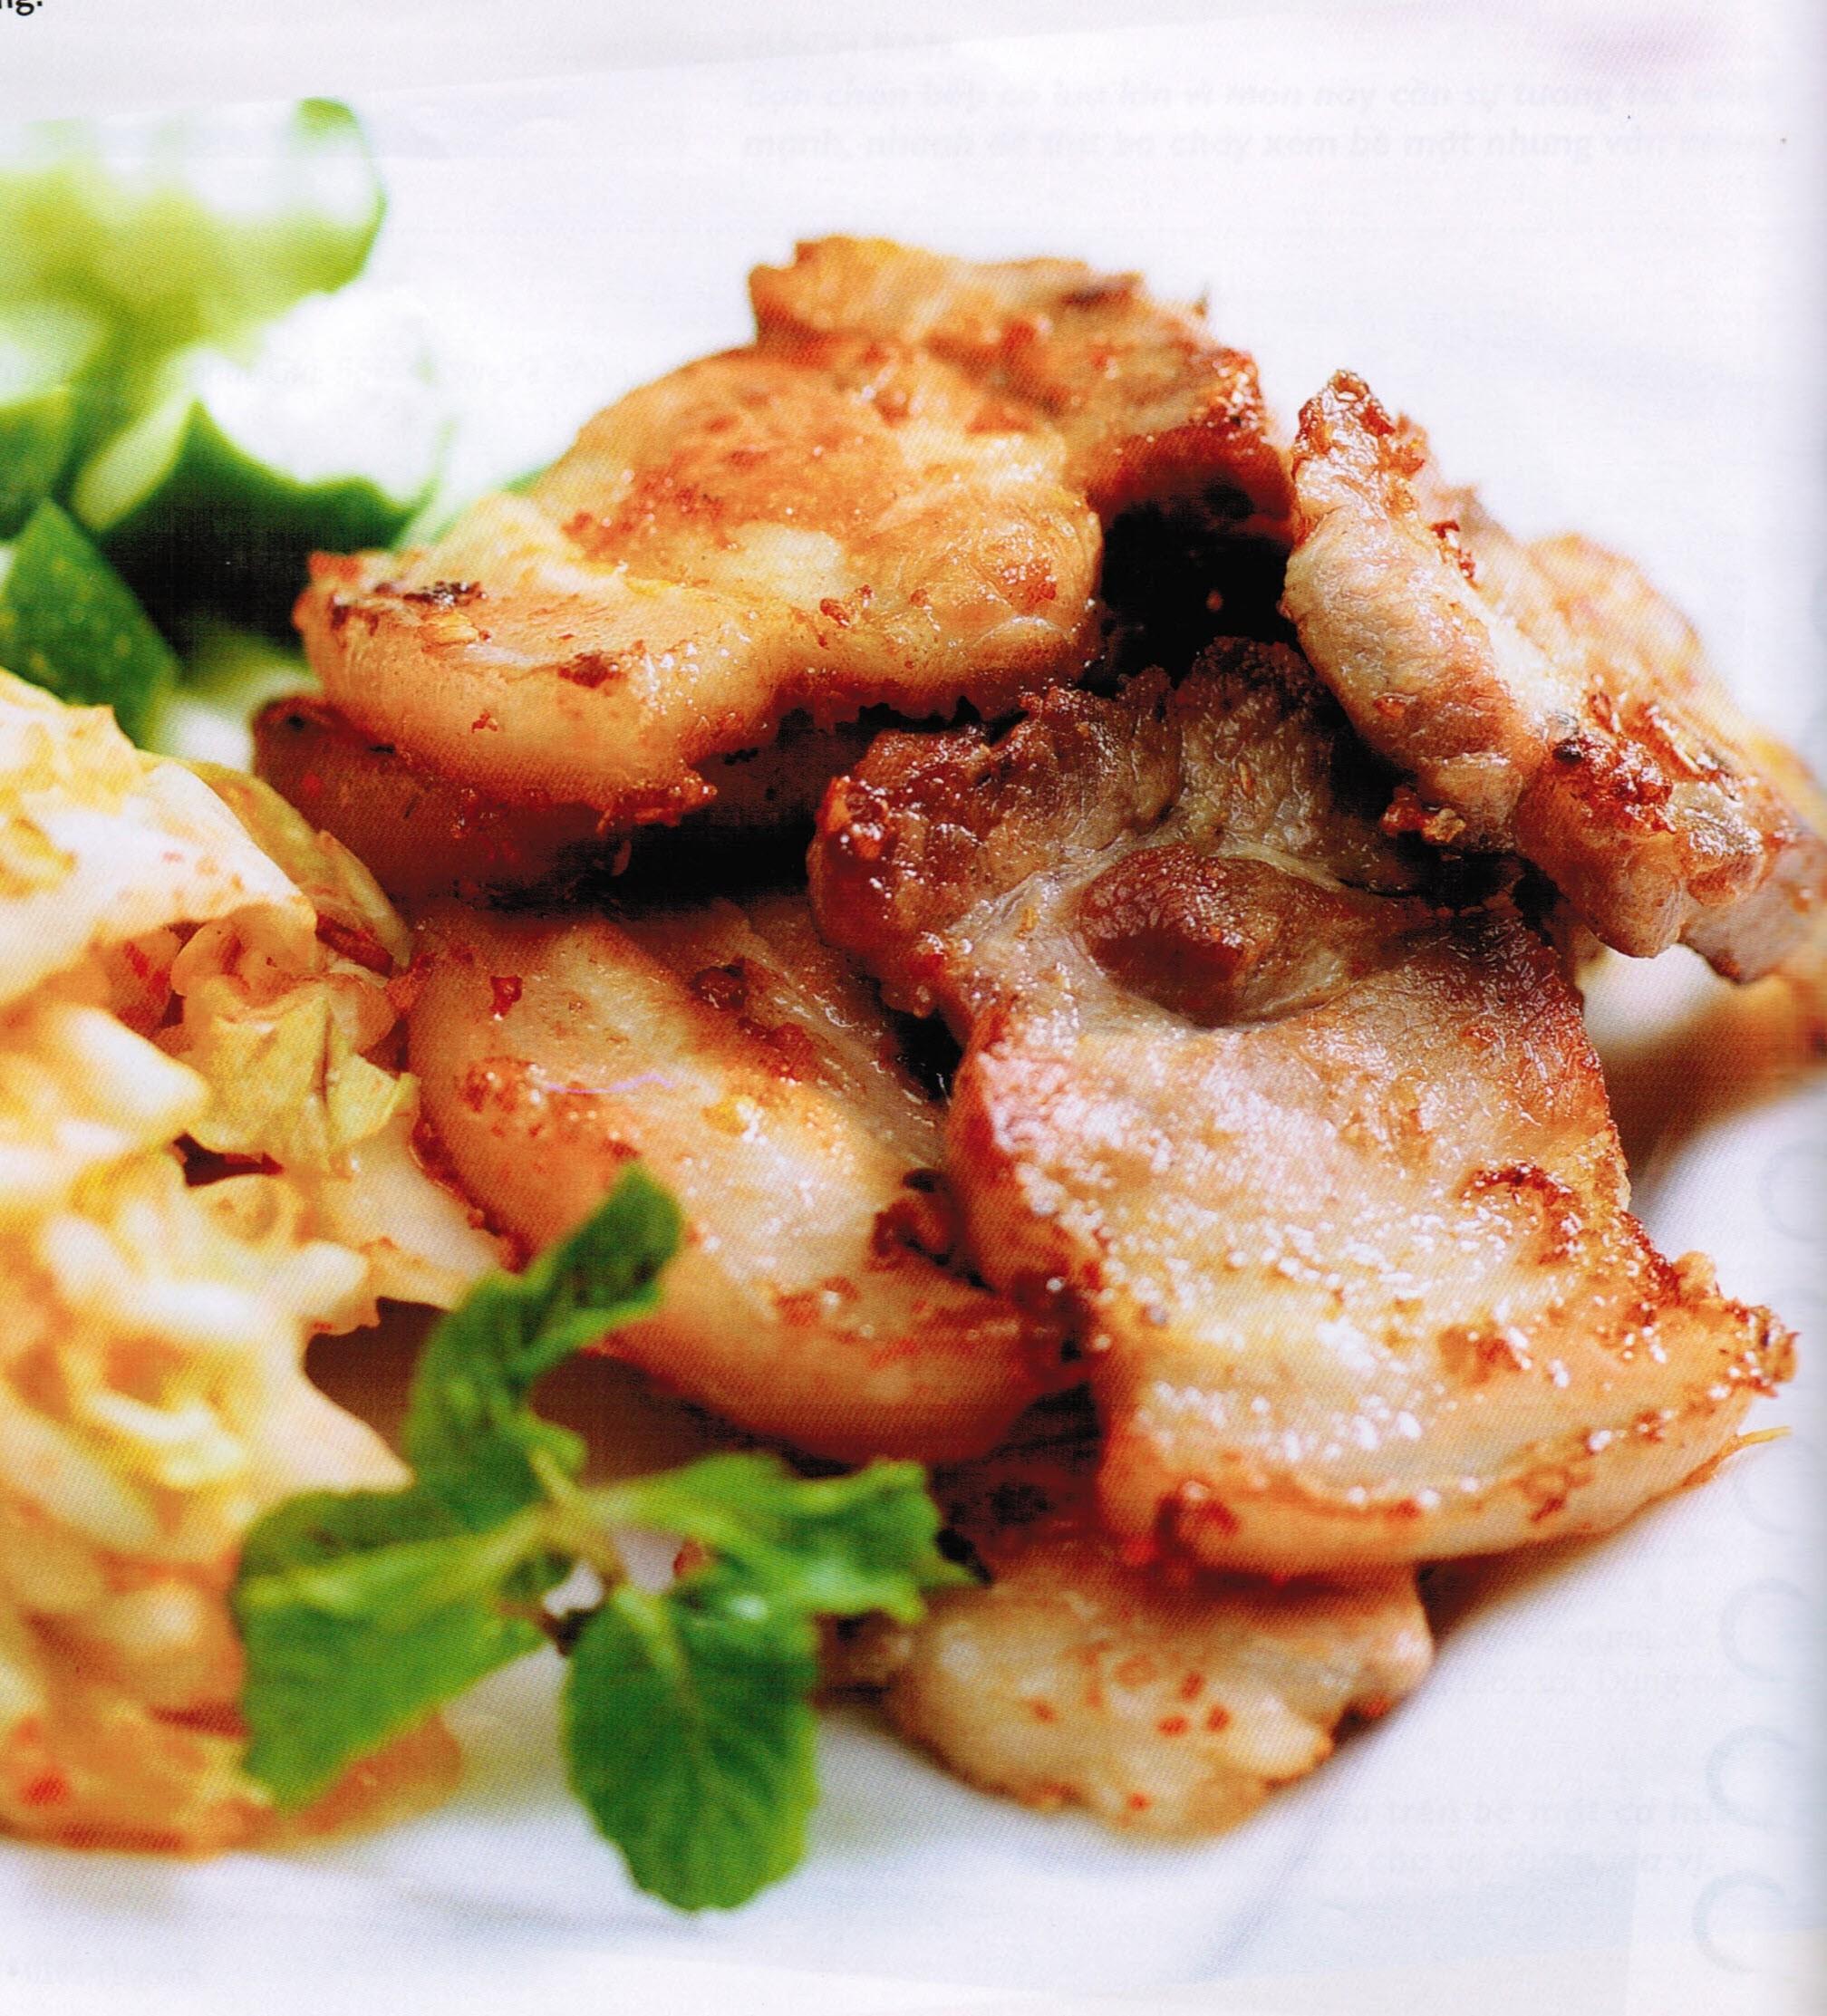 Cách làm món thịt ba chỉ nướng mềm ngon, thơm lừng gian bếp - Ảnh 4